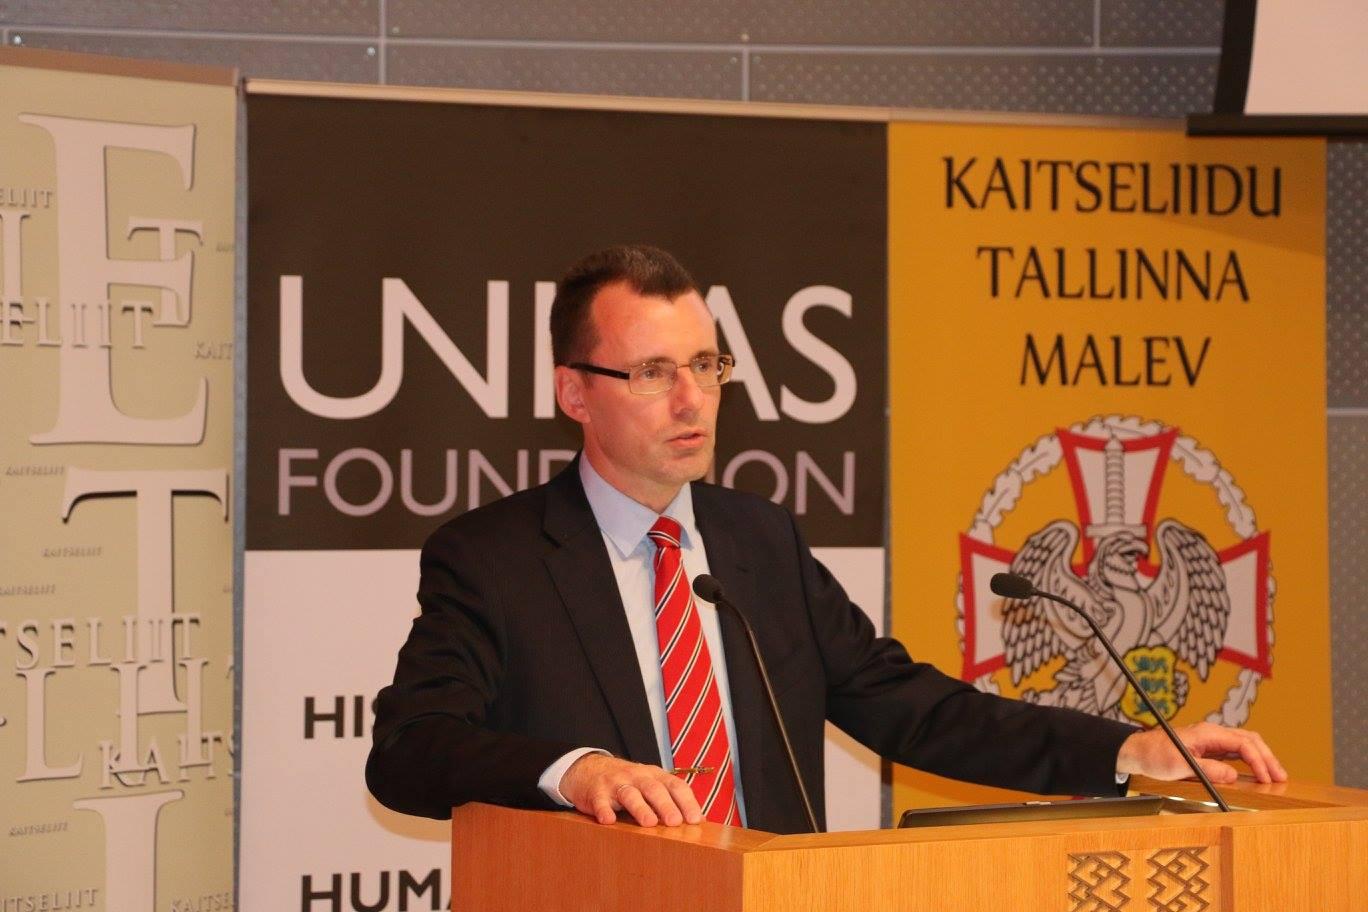 Image for Toimus konverents Eesti julgeolek 2015: minu panus